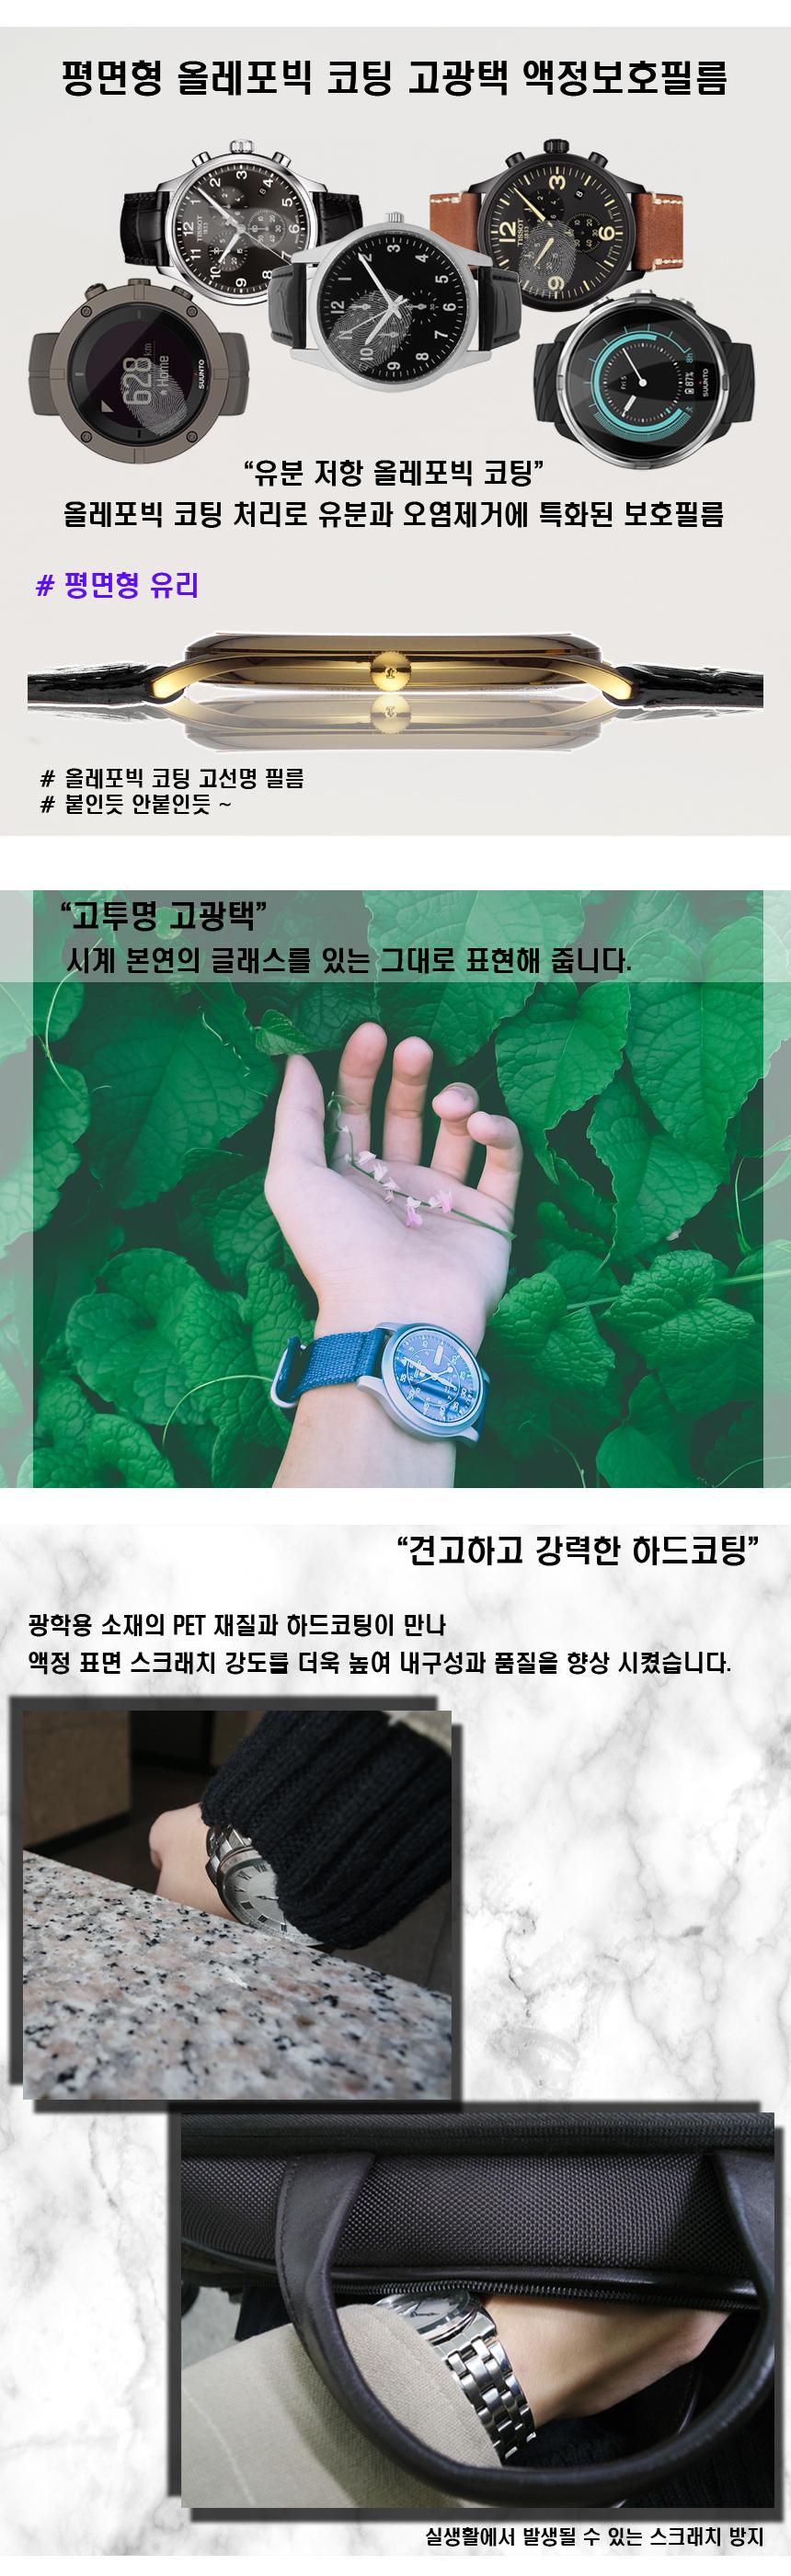 가민 비보무브3S 올레포빅 액정 보호필름 4매 - 좀비베리어, 4,900원, 스마트워치/밴드, 스마트워치 보호필름